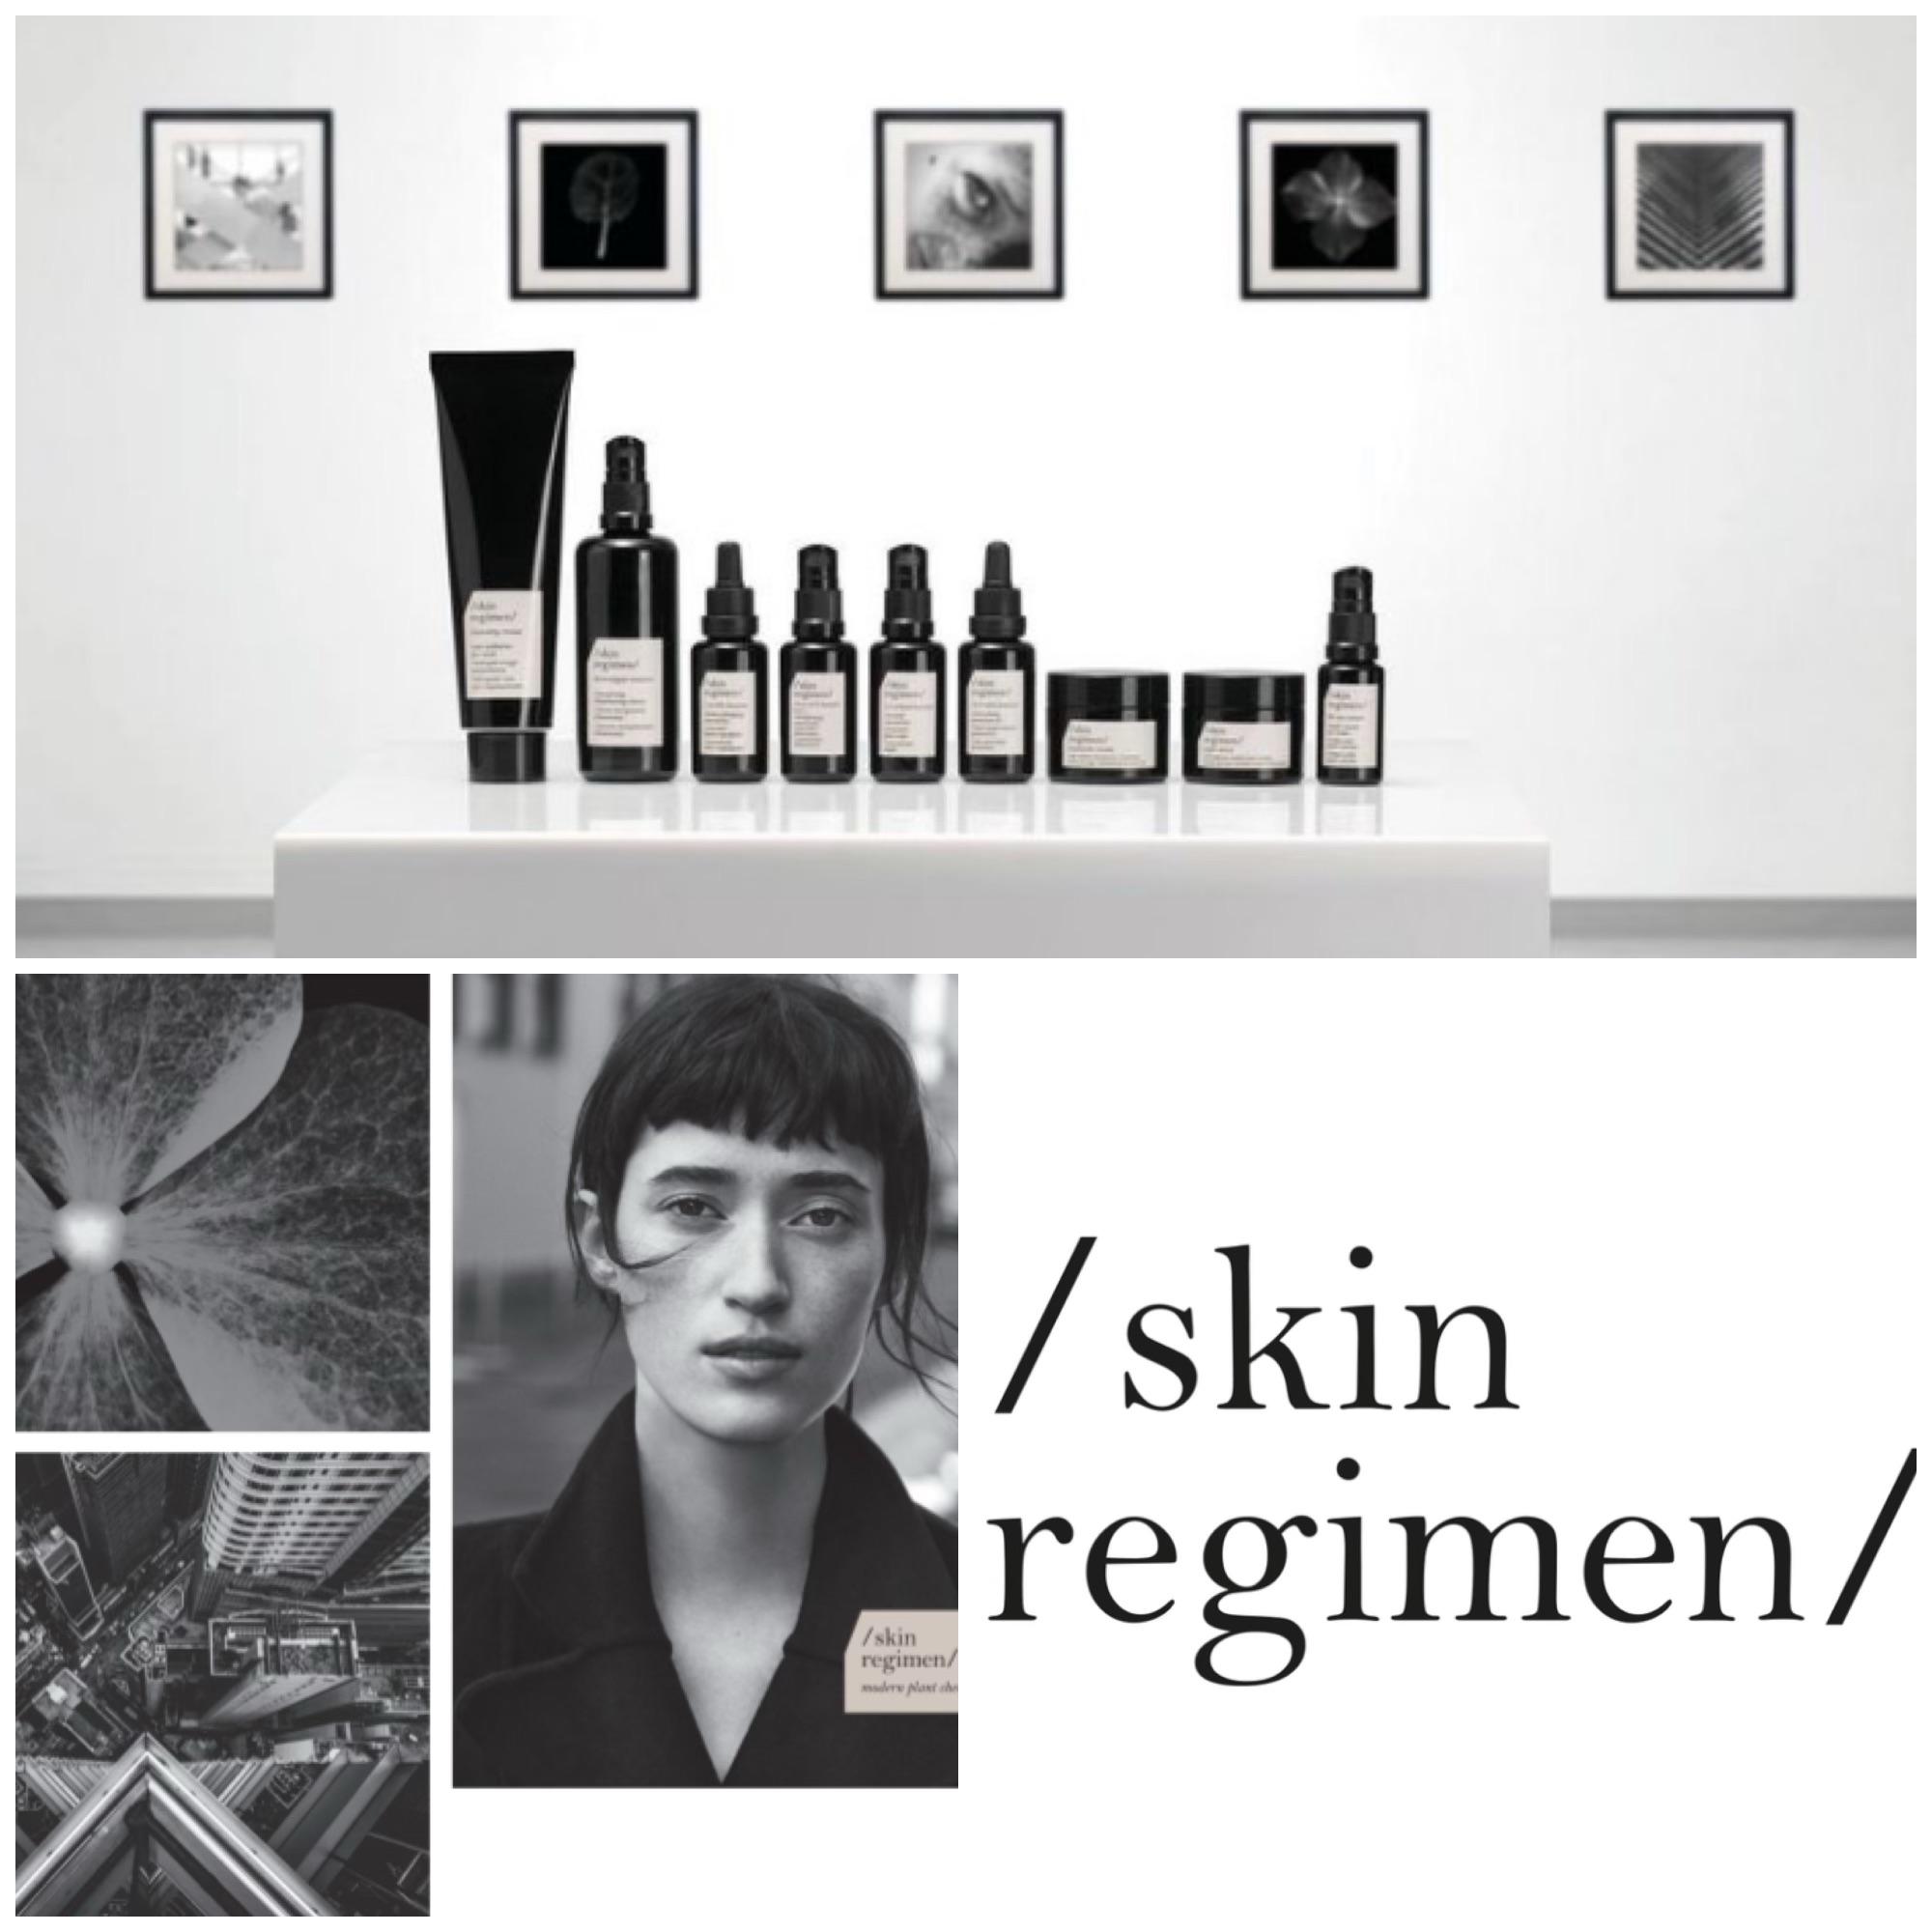 Våryra i City 🤍 Nu har vi 40% på alla produkter från Skin Regimen (gäller så långt lagret räcker). Och 150 kr rabatt på Skin Regimen ansiktsbehandling.